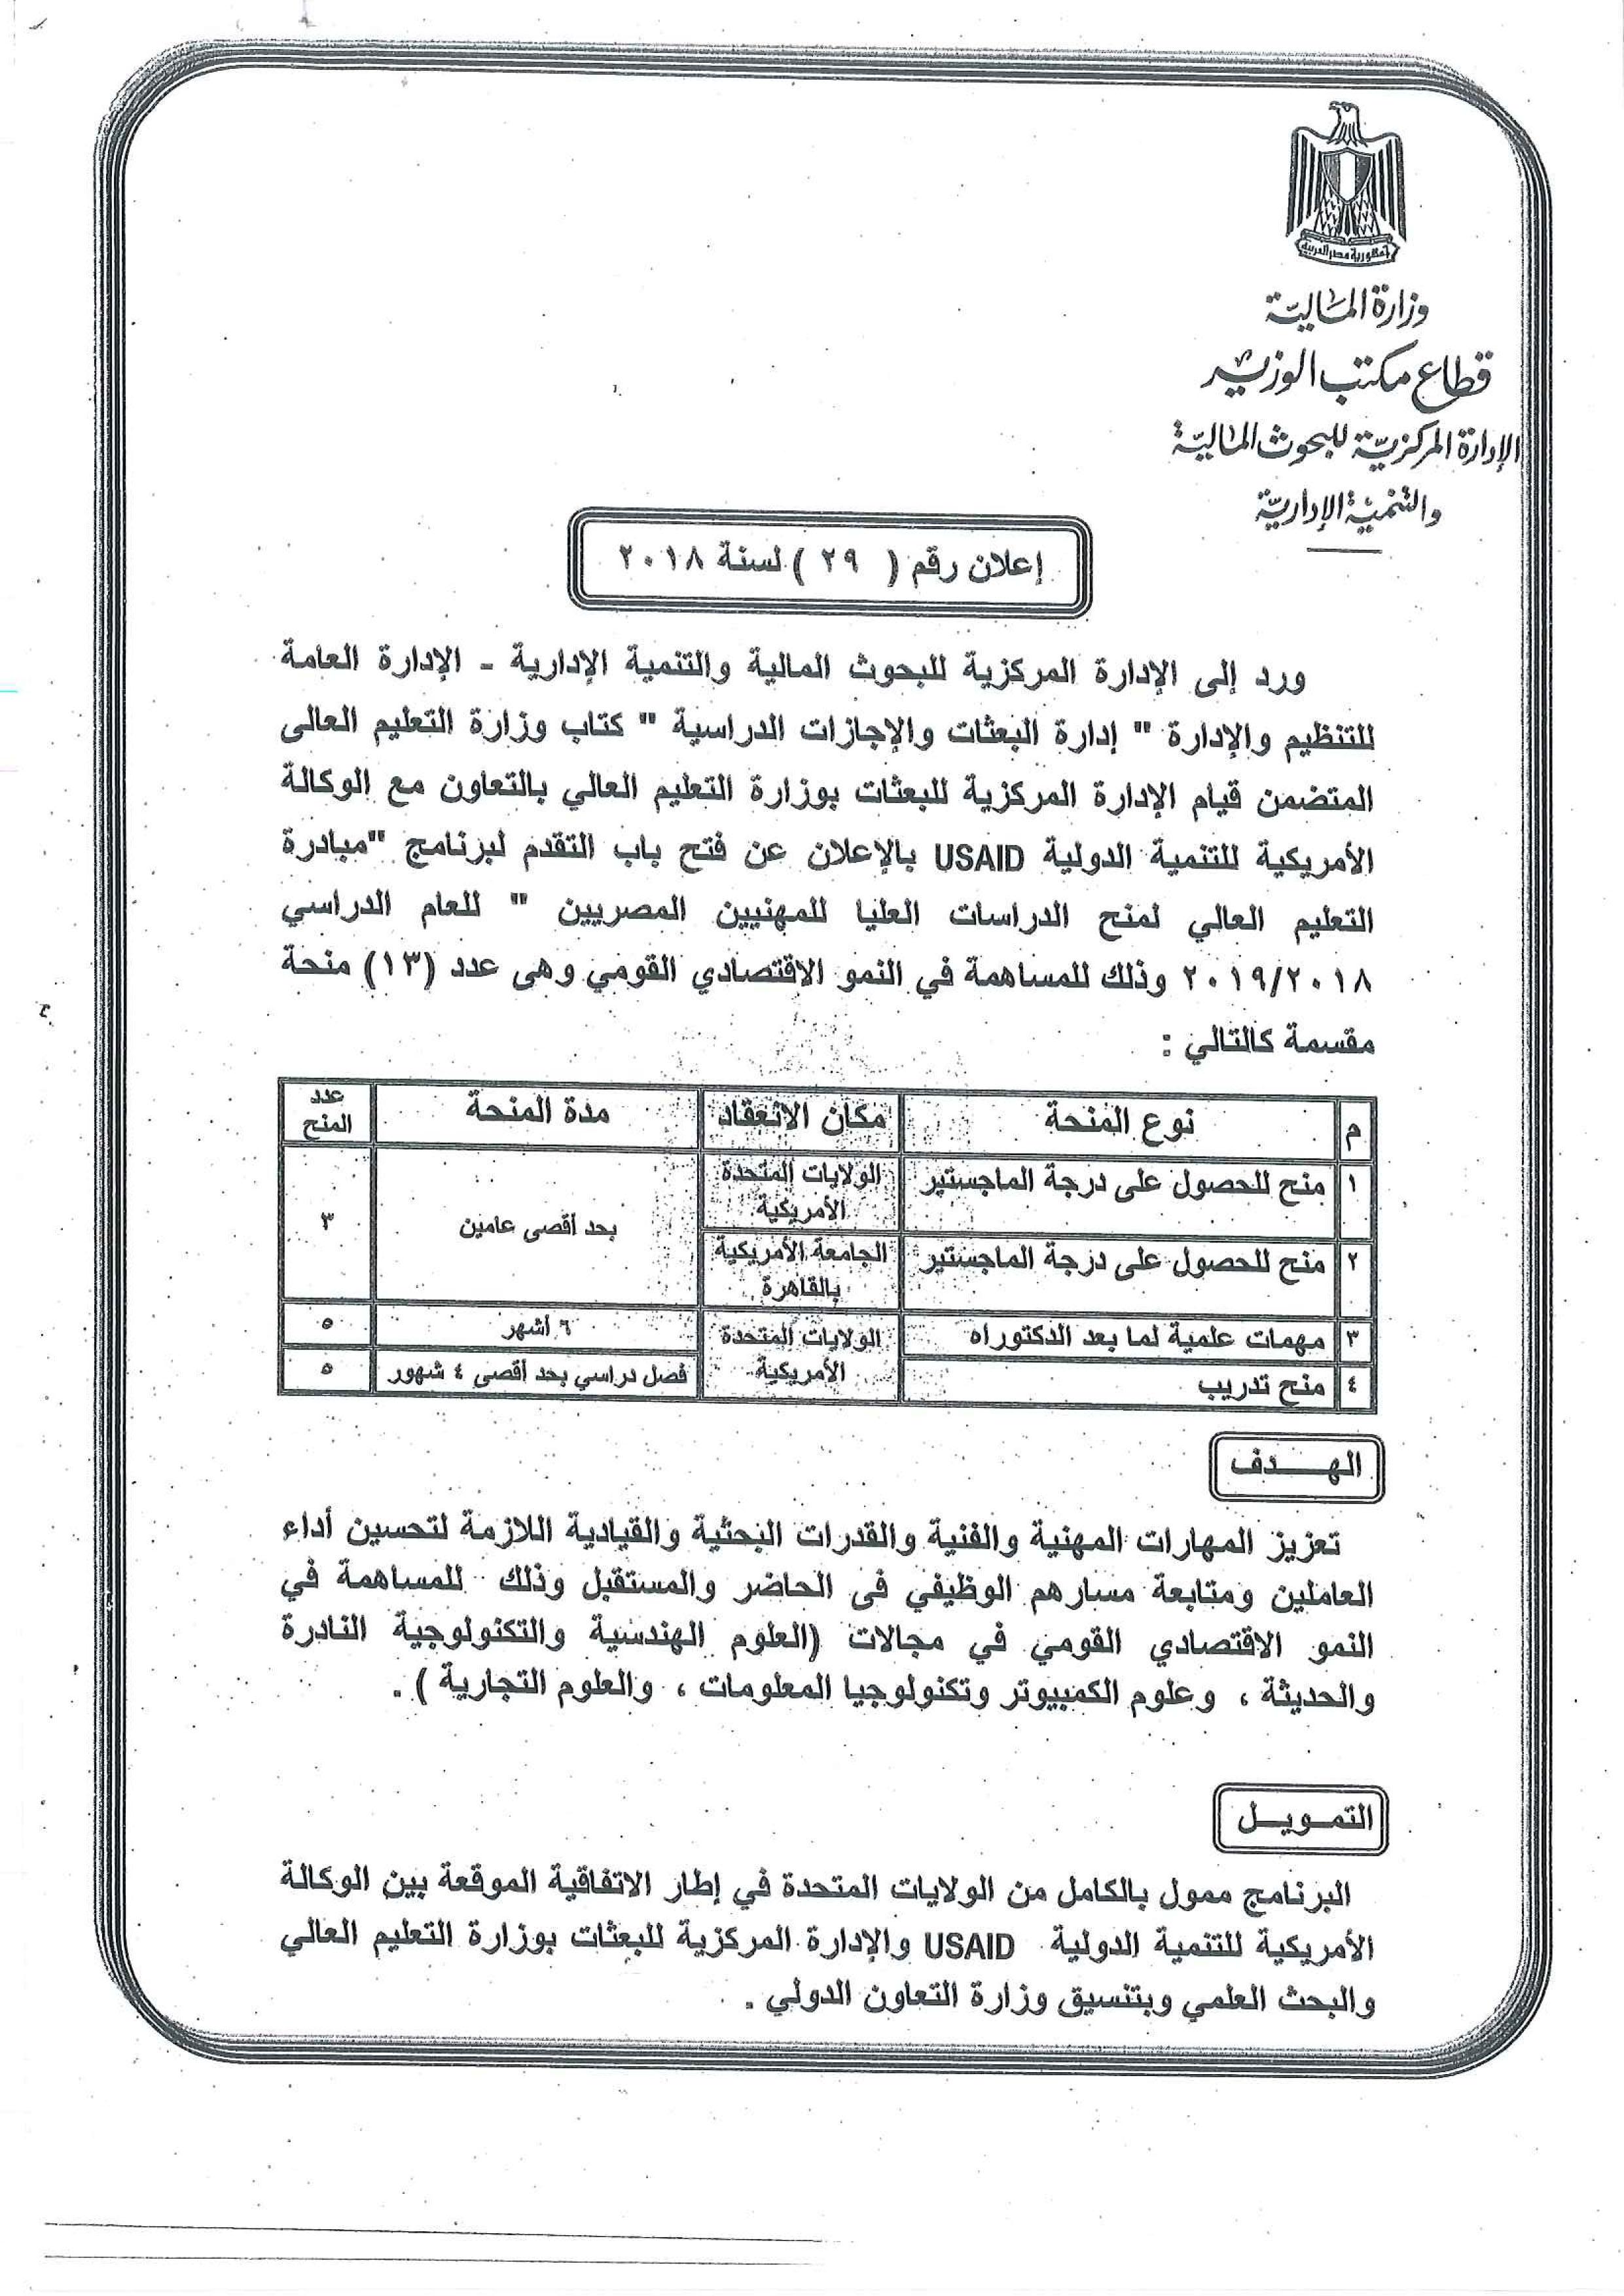 وزارة المالية (1)